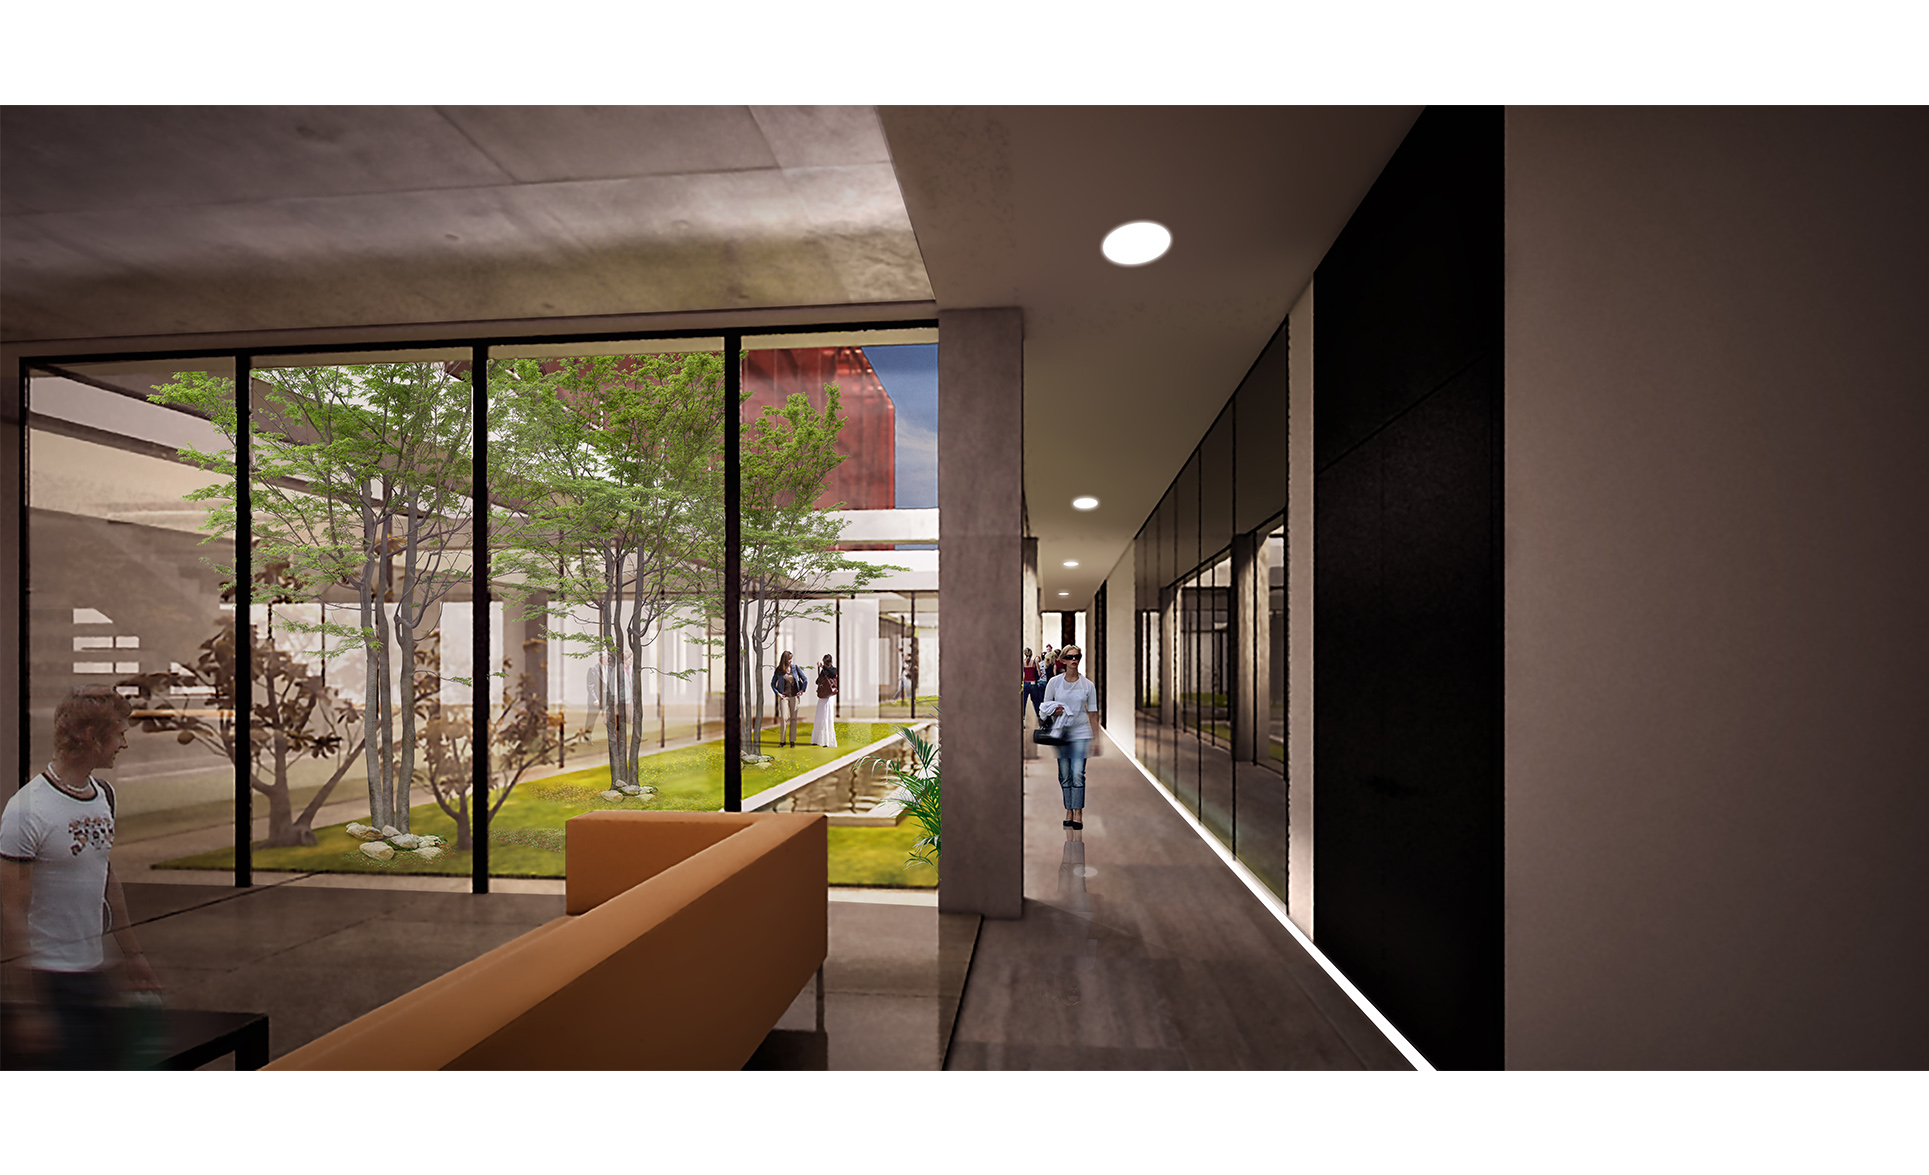 dodofis mimarlık araştırma merkezi ve müze 2